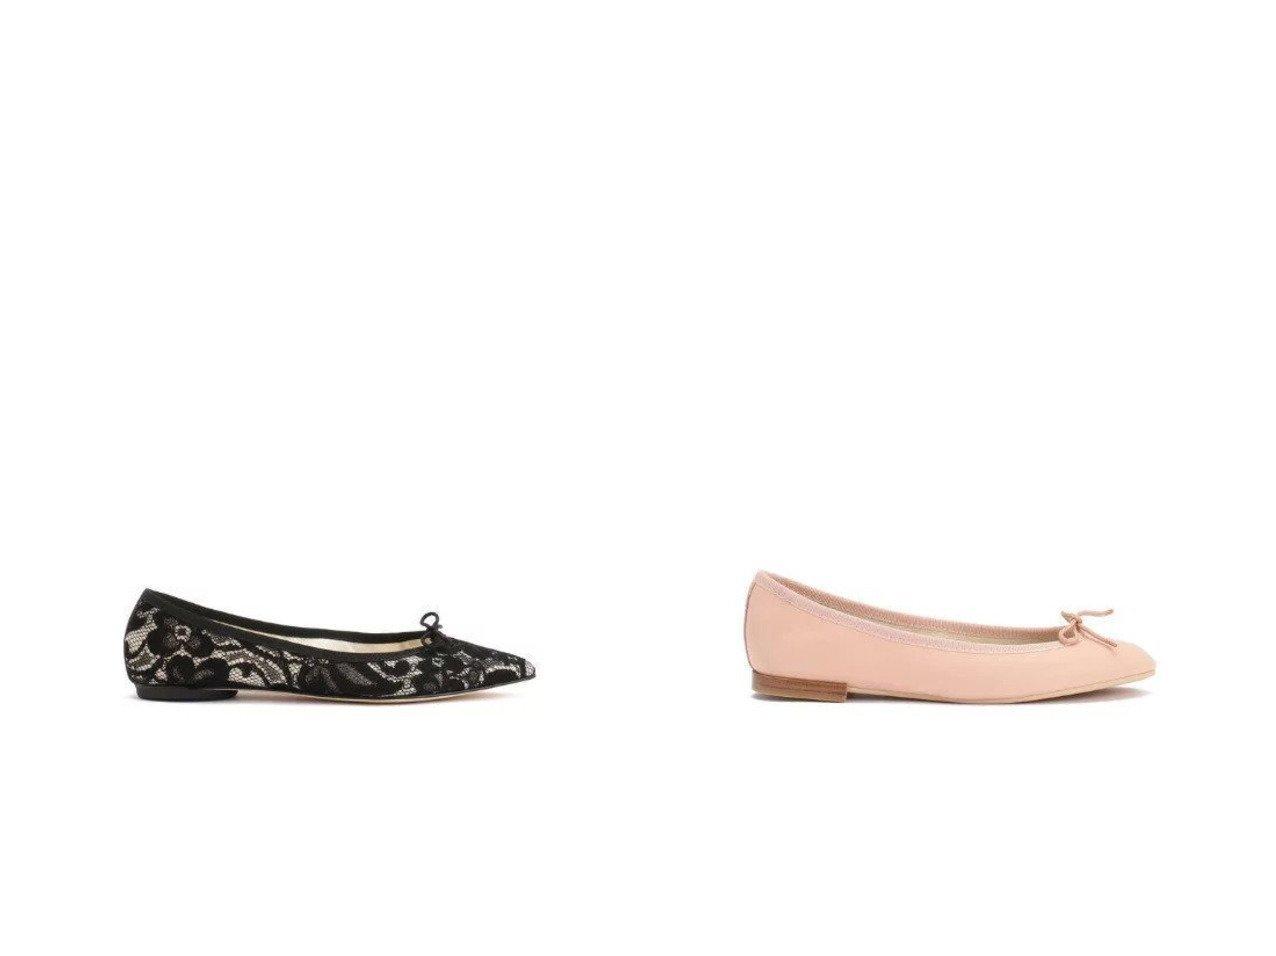 【repetto/レペット】のLili Ballerinas&Brigitte Ballerinas 【シューズ・靴】おすすめ!人気、トレンド・レディースファッションの通販 おすすめで人気の流行・トレンド、ファッションの通販商品 メンズファッション・キッズファッション・インテリア・家具・レディースファッション・服の通販 founy(ファニー) https://founy.com/ ファッション Fashion レディースファッション WOMEN シューズ シンプル バレエ フラット ベーシック ラバー リボン ワンポイント エレガント クラシック フォルム レース  ID:crp329100000030404